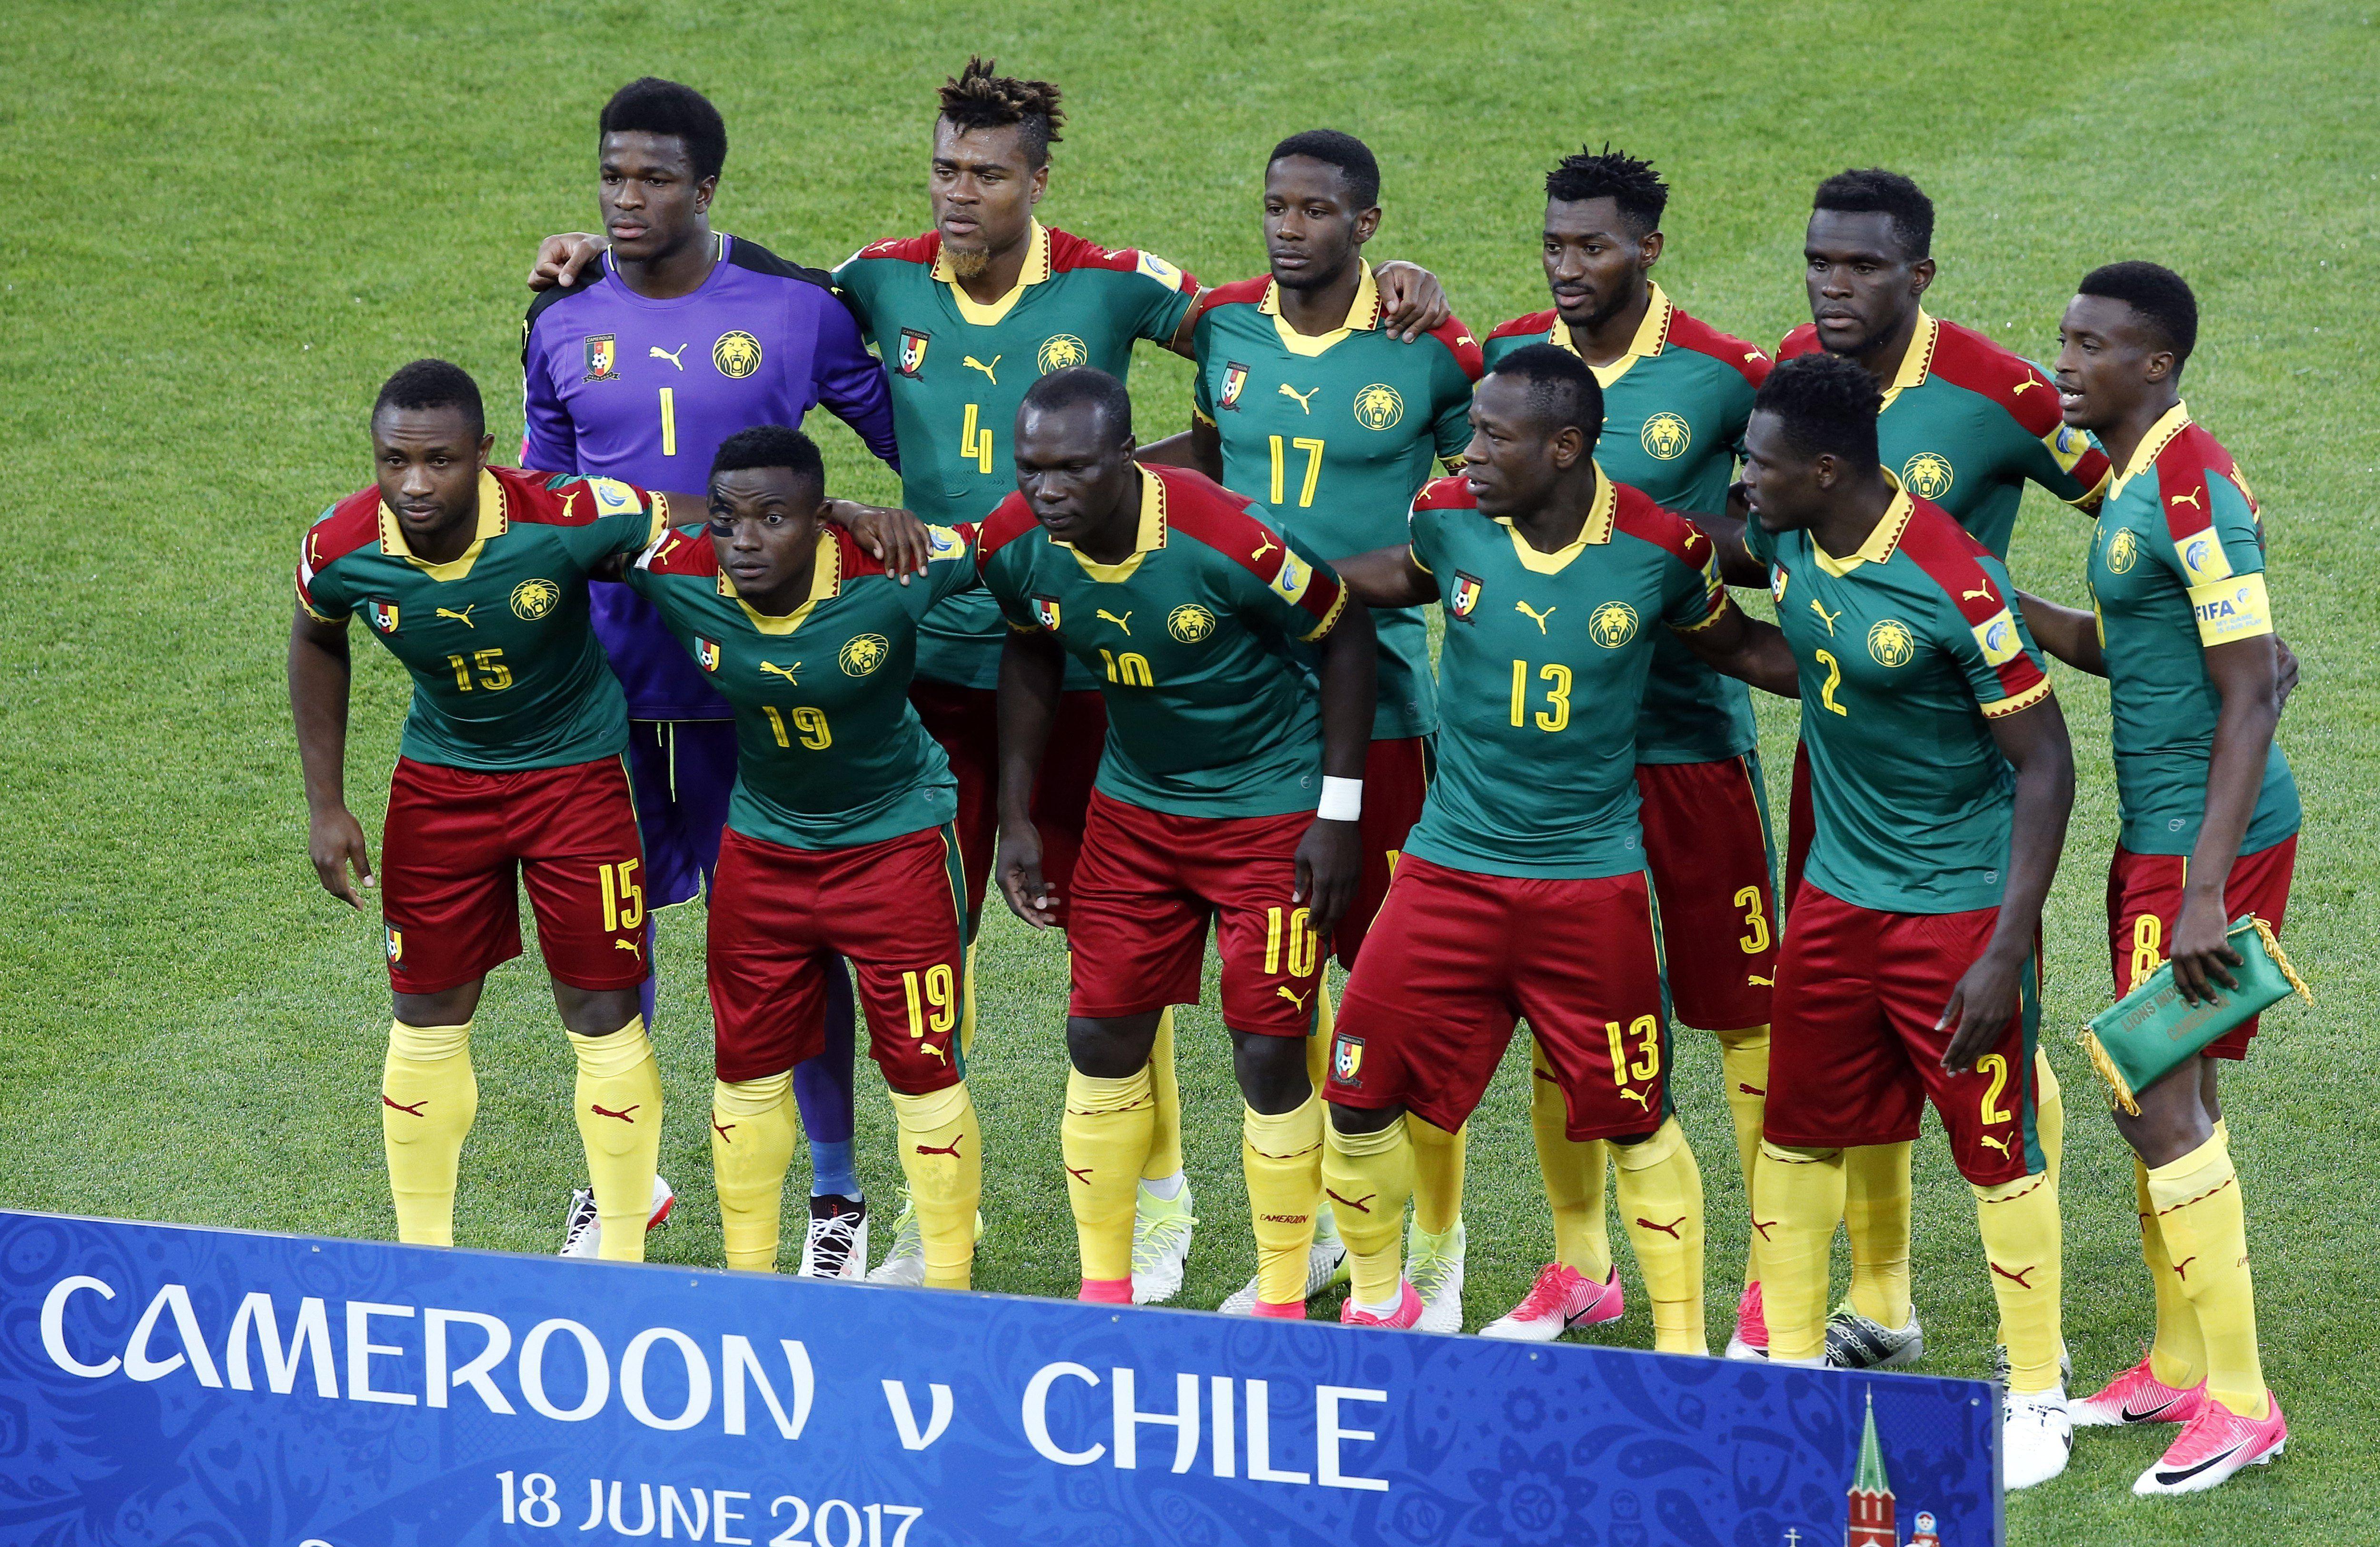 Los Leones africanos